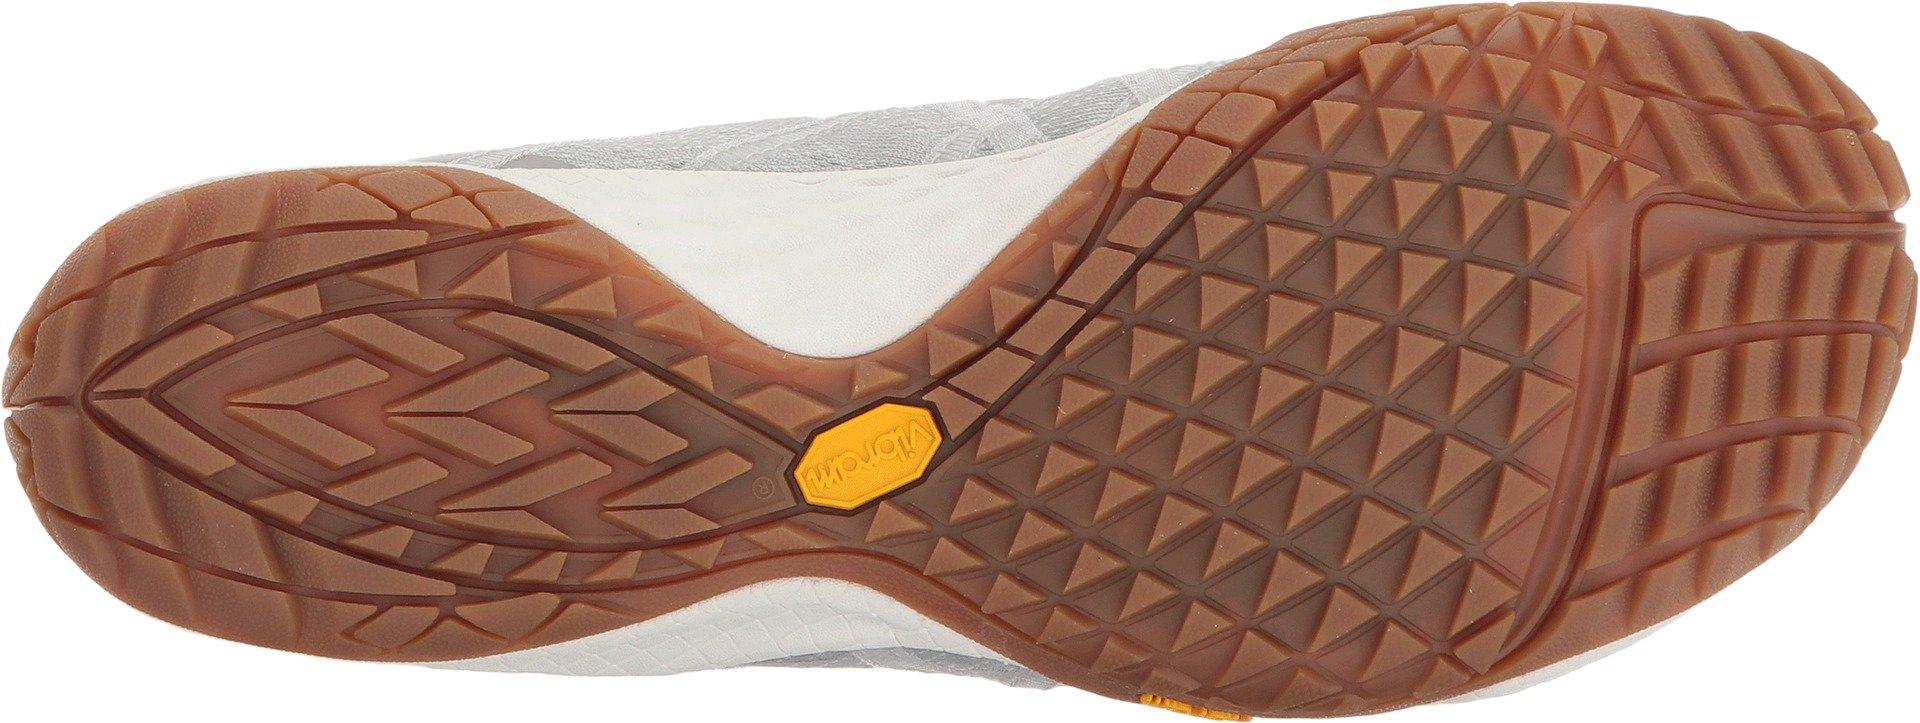 Merrell Women's Trail Glove 4 E-Mesh Vapor 6 M US by Merrell (Image #3)